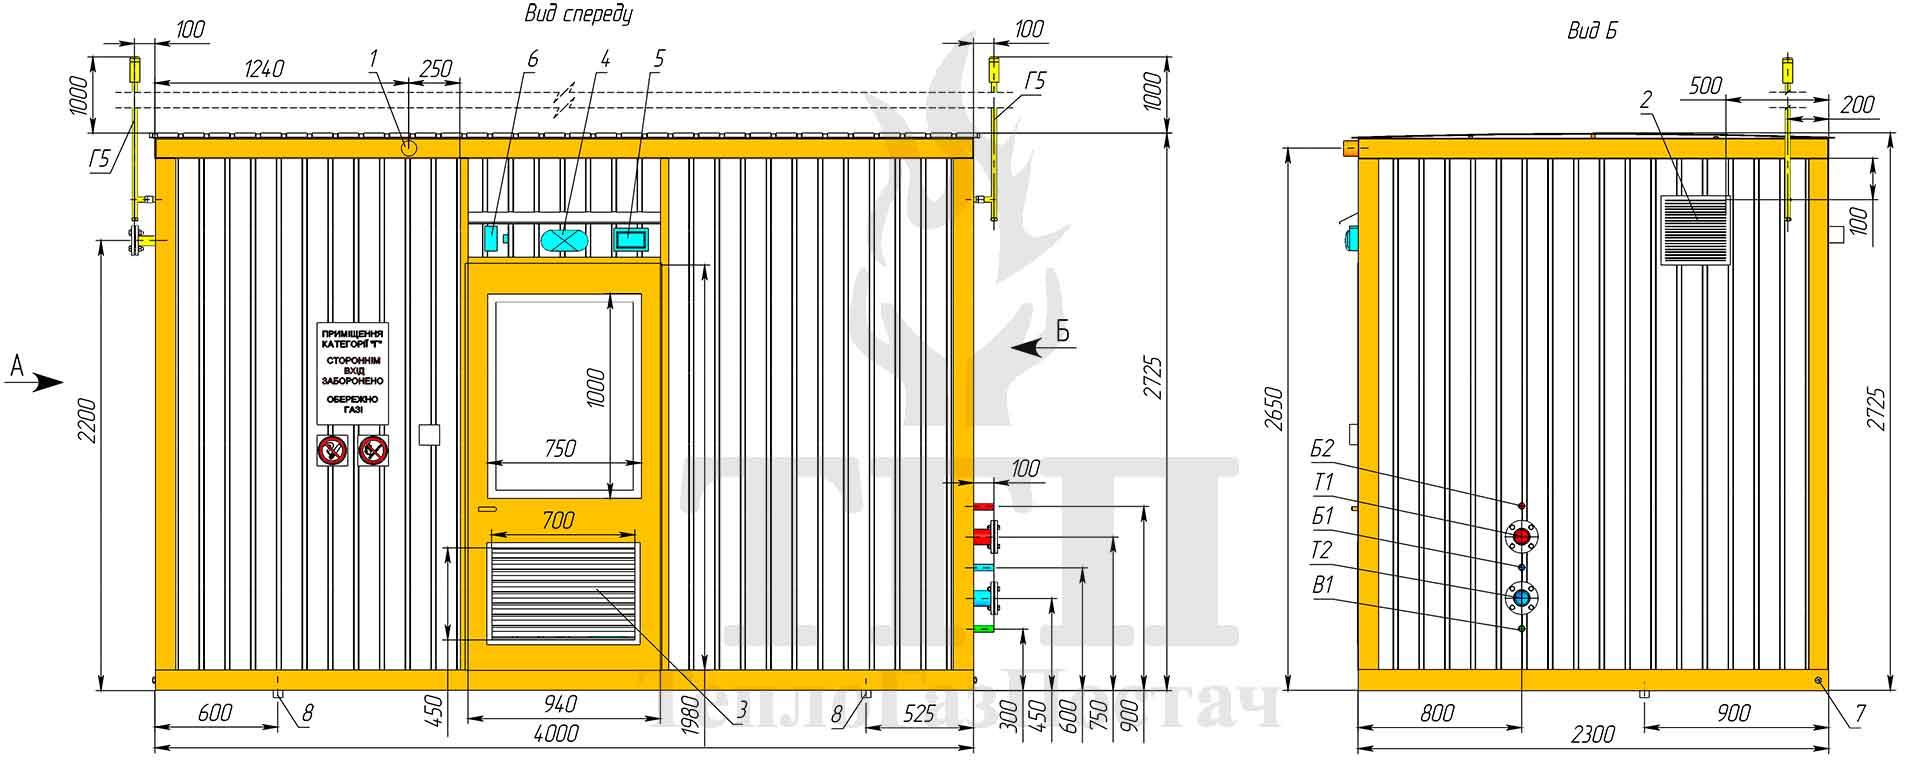 Габаритные размеры и внешний вид блочной котельной 200 кВт с котлами Therm TRIO 90 и ГВС